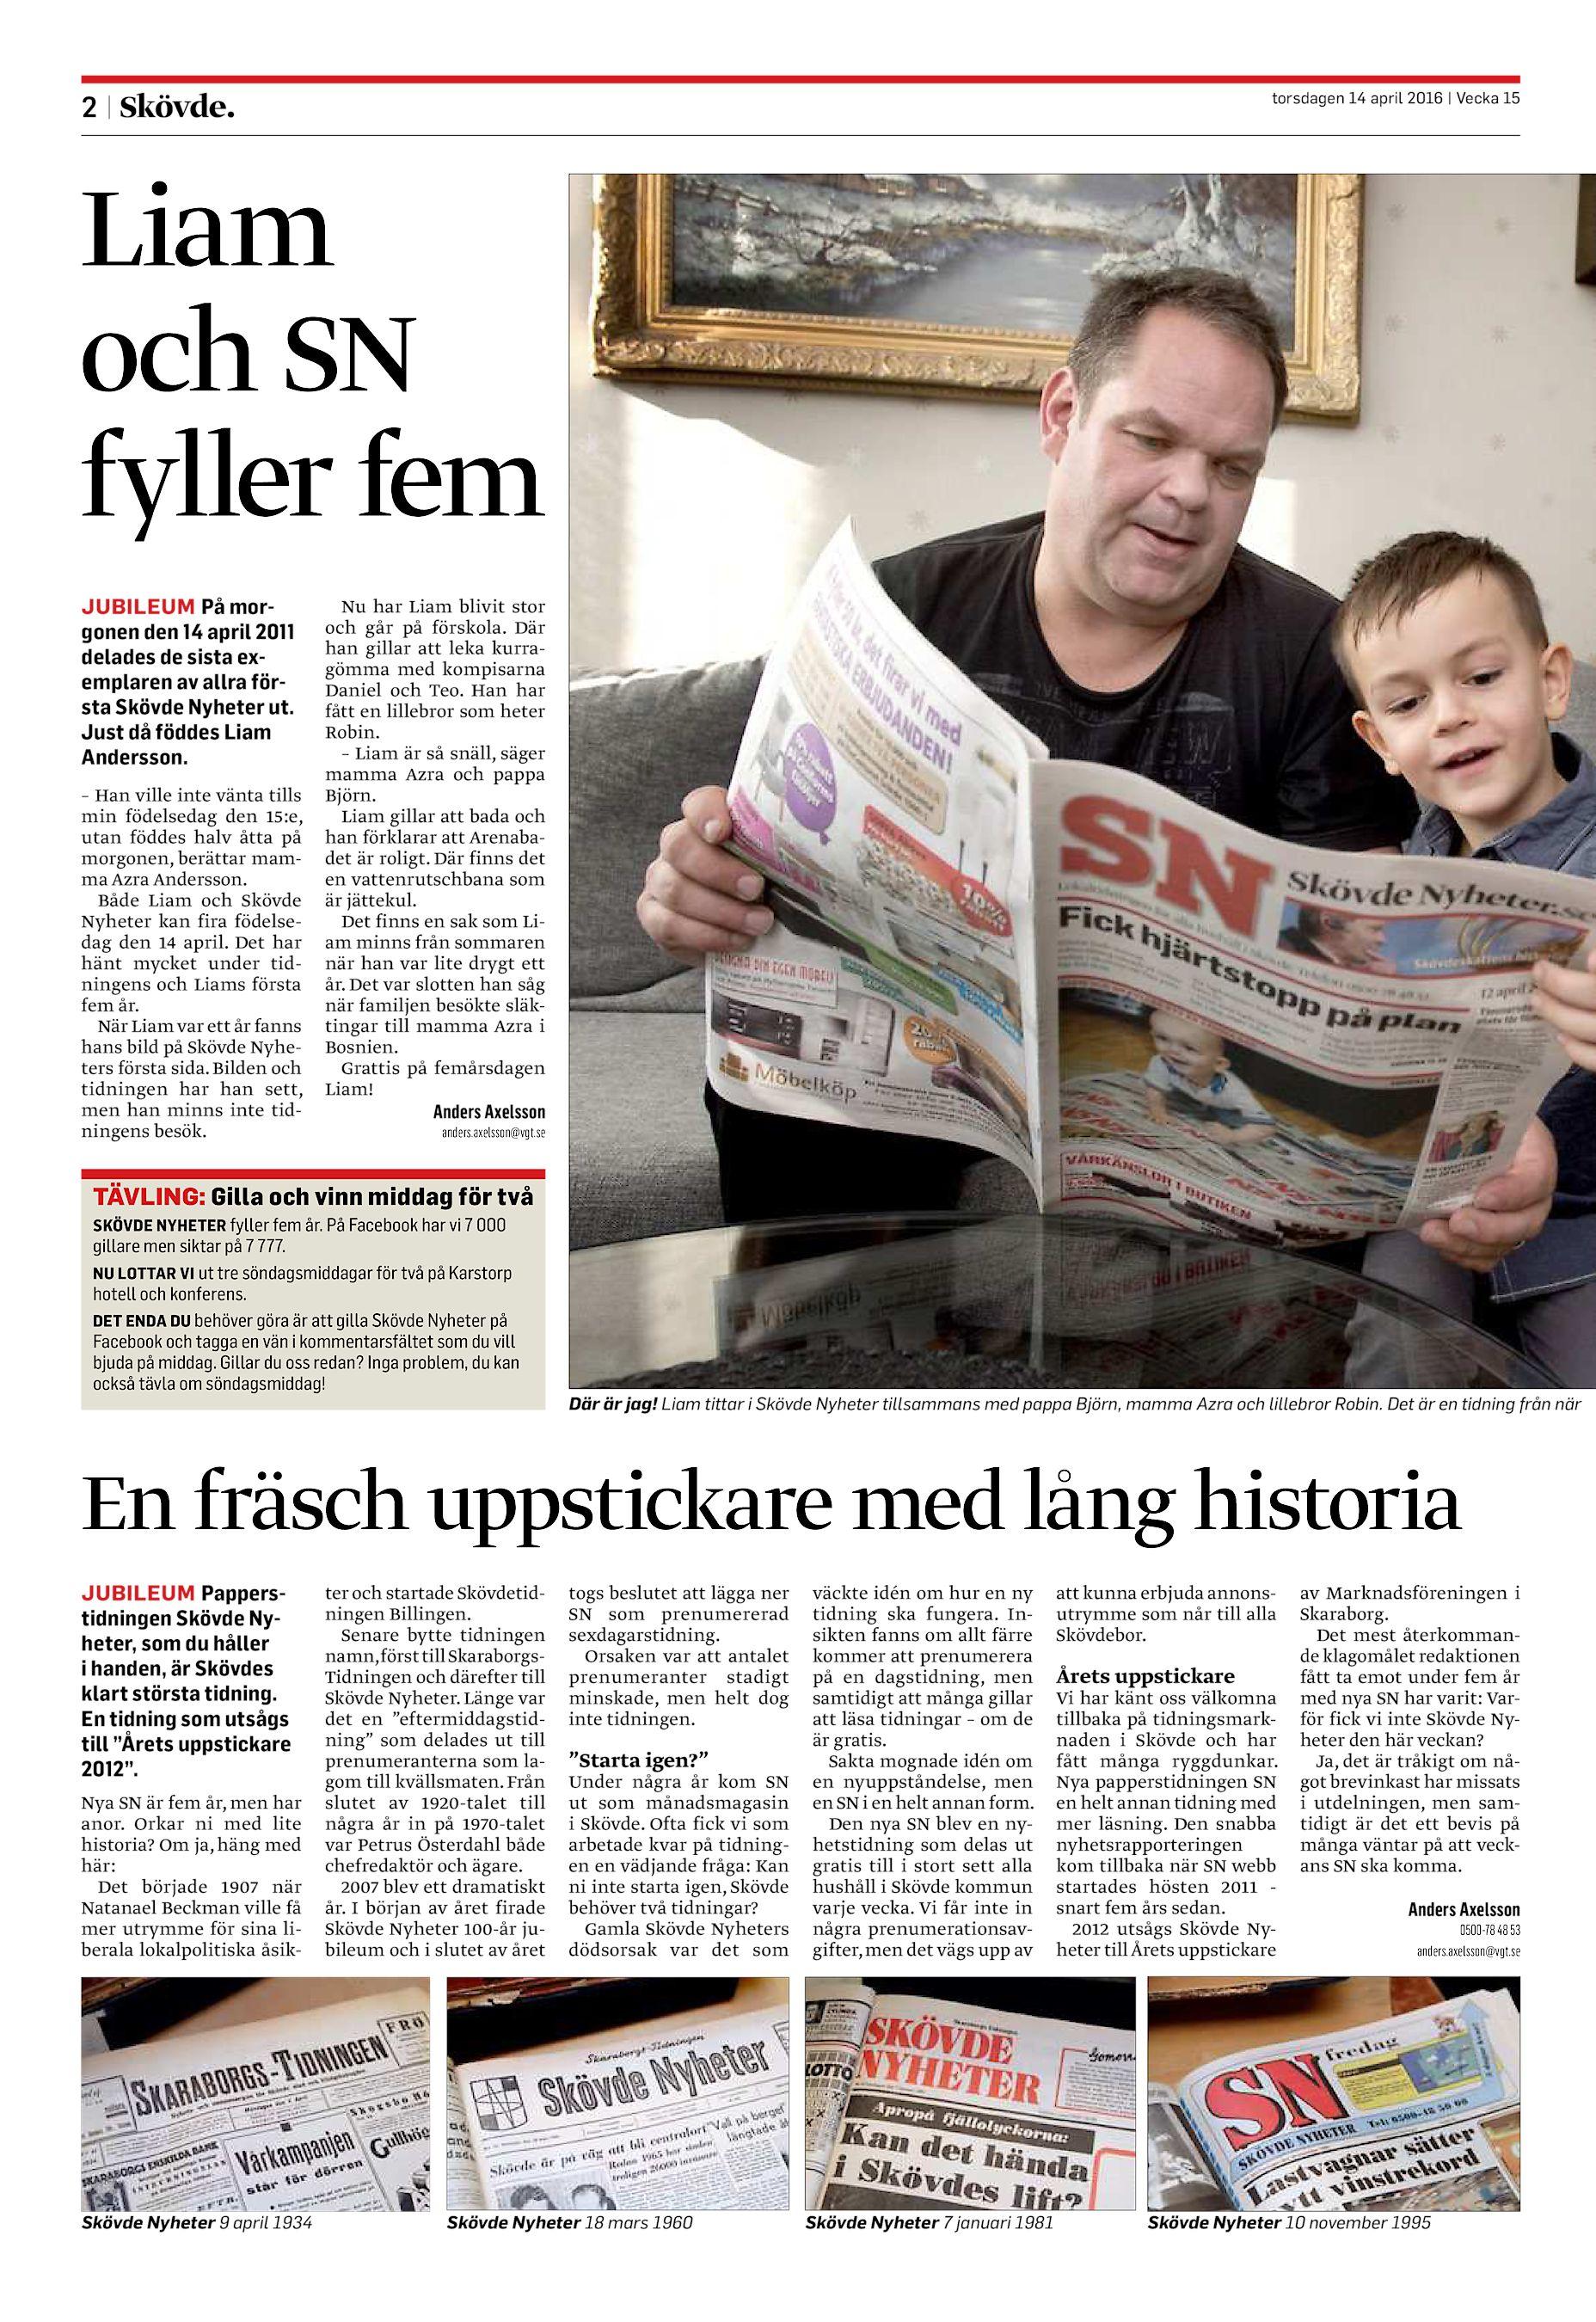 8d007cbe237e Liam och SN fyller fem JUBILEUM På morgonen den 14 april 2011 delades de  sista exemplaren av allra första Skövde Nyheter ut.